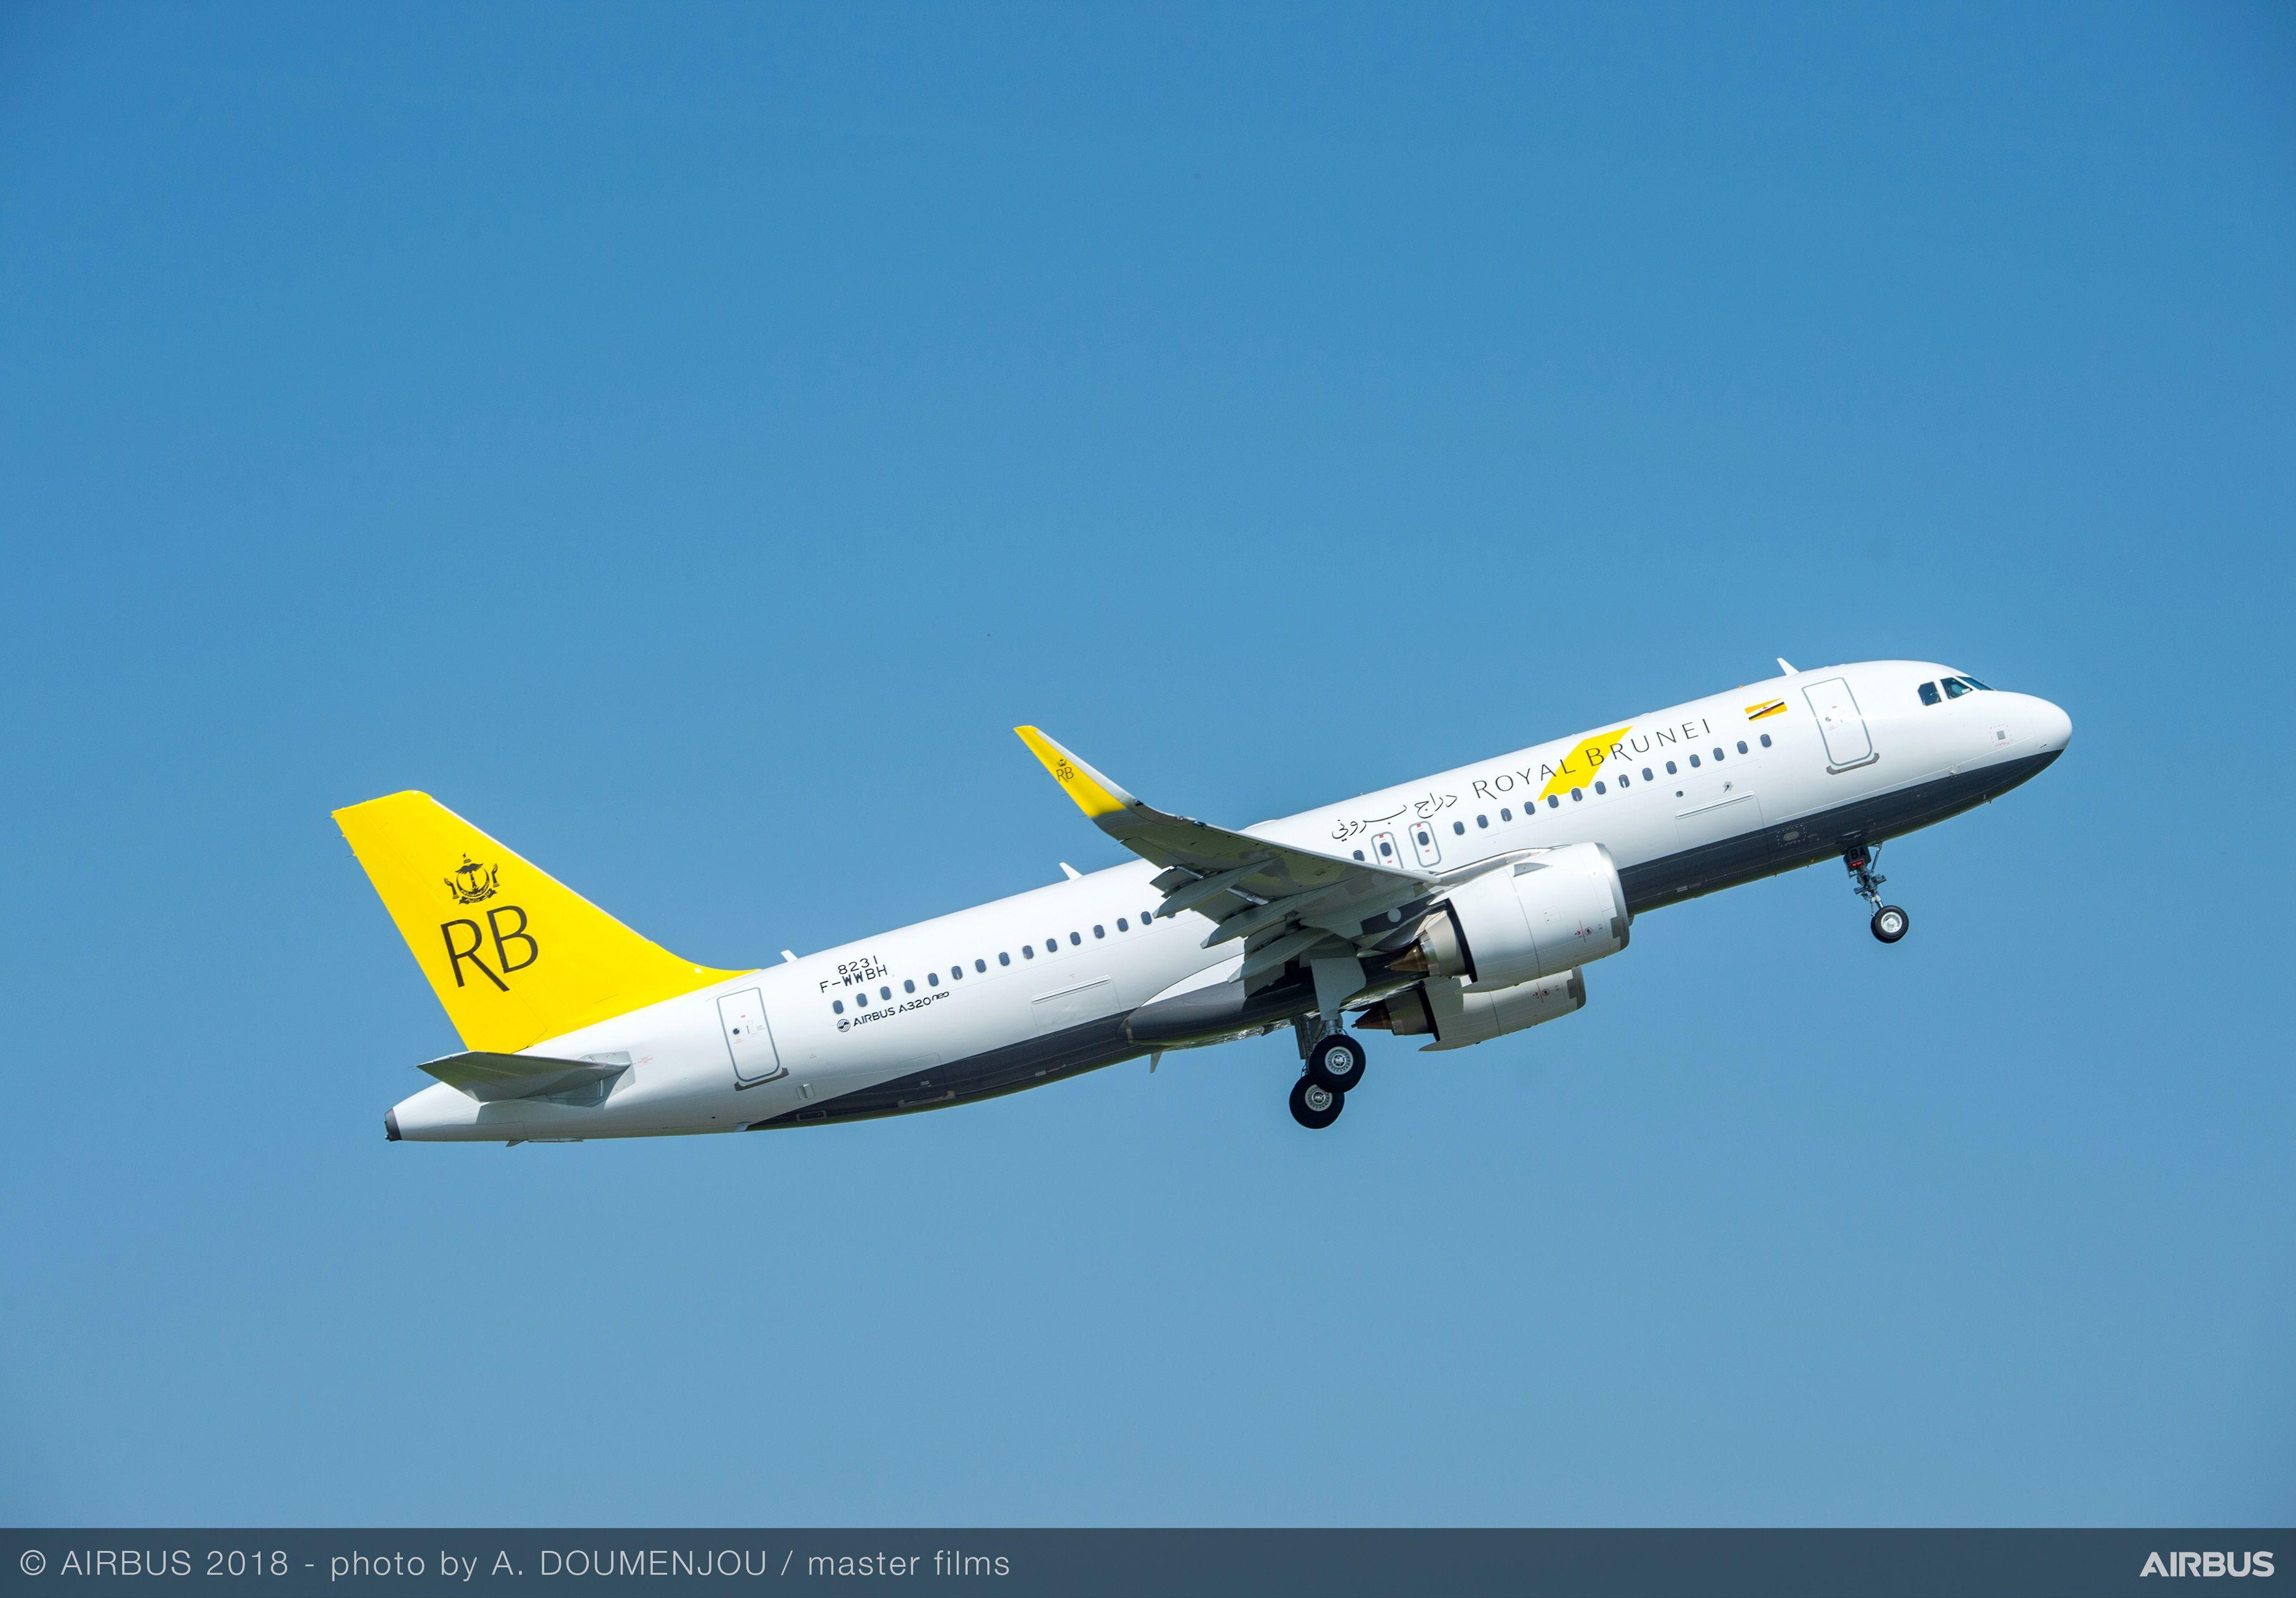 JALグループ、6月から10月搭乗分のウルトラ先得などで一部運賃変更